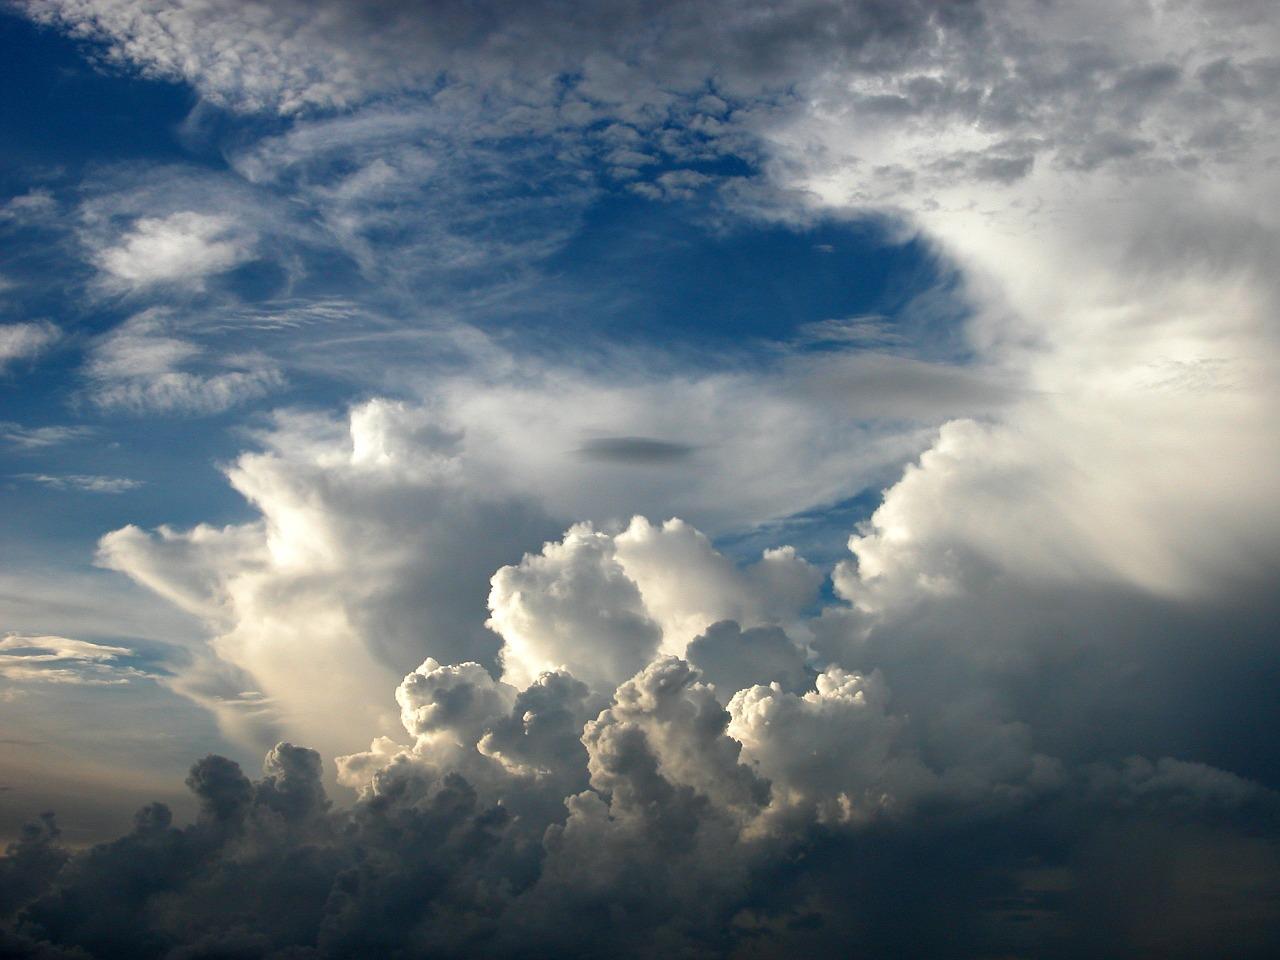 Calo termico generalizzato, si accende qualche temporale nell'interno